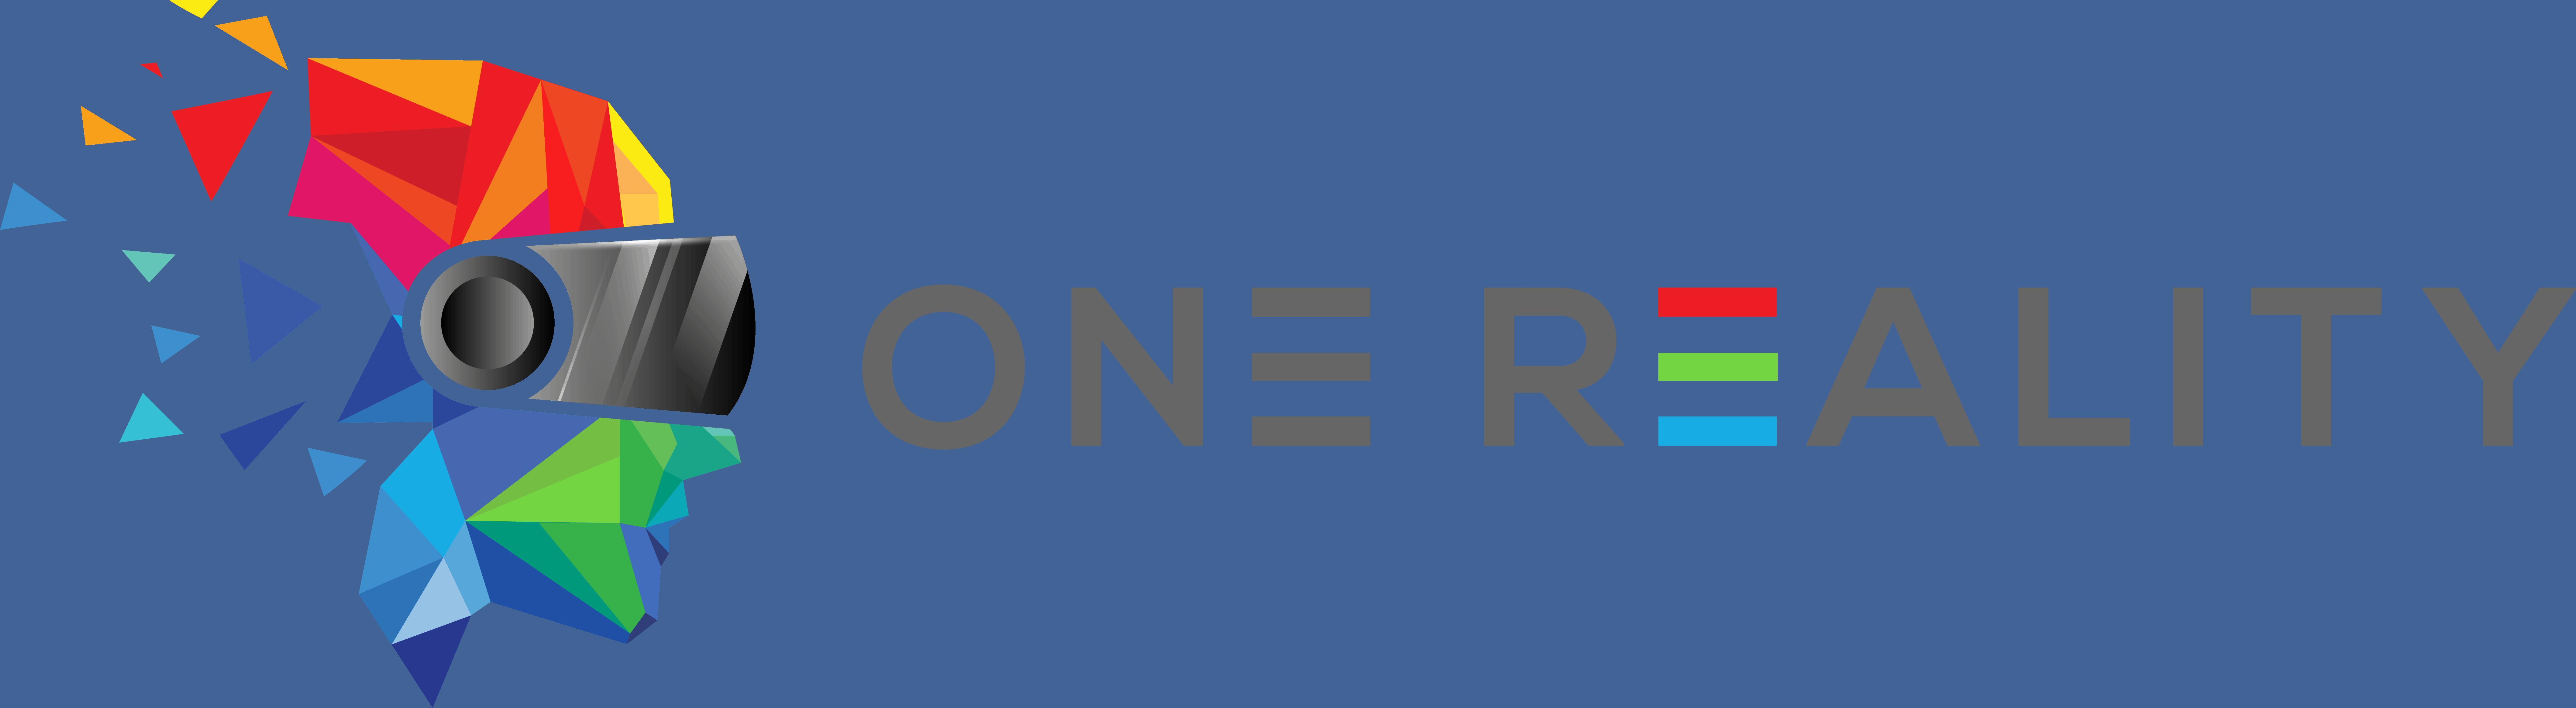 logo on left